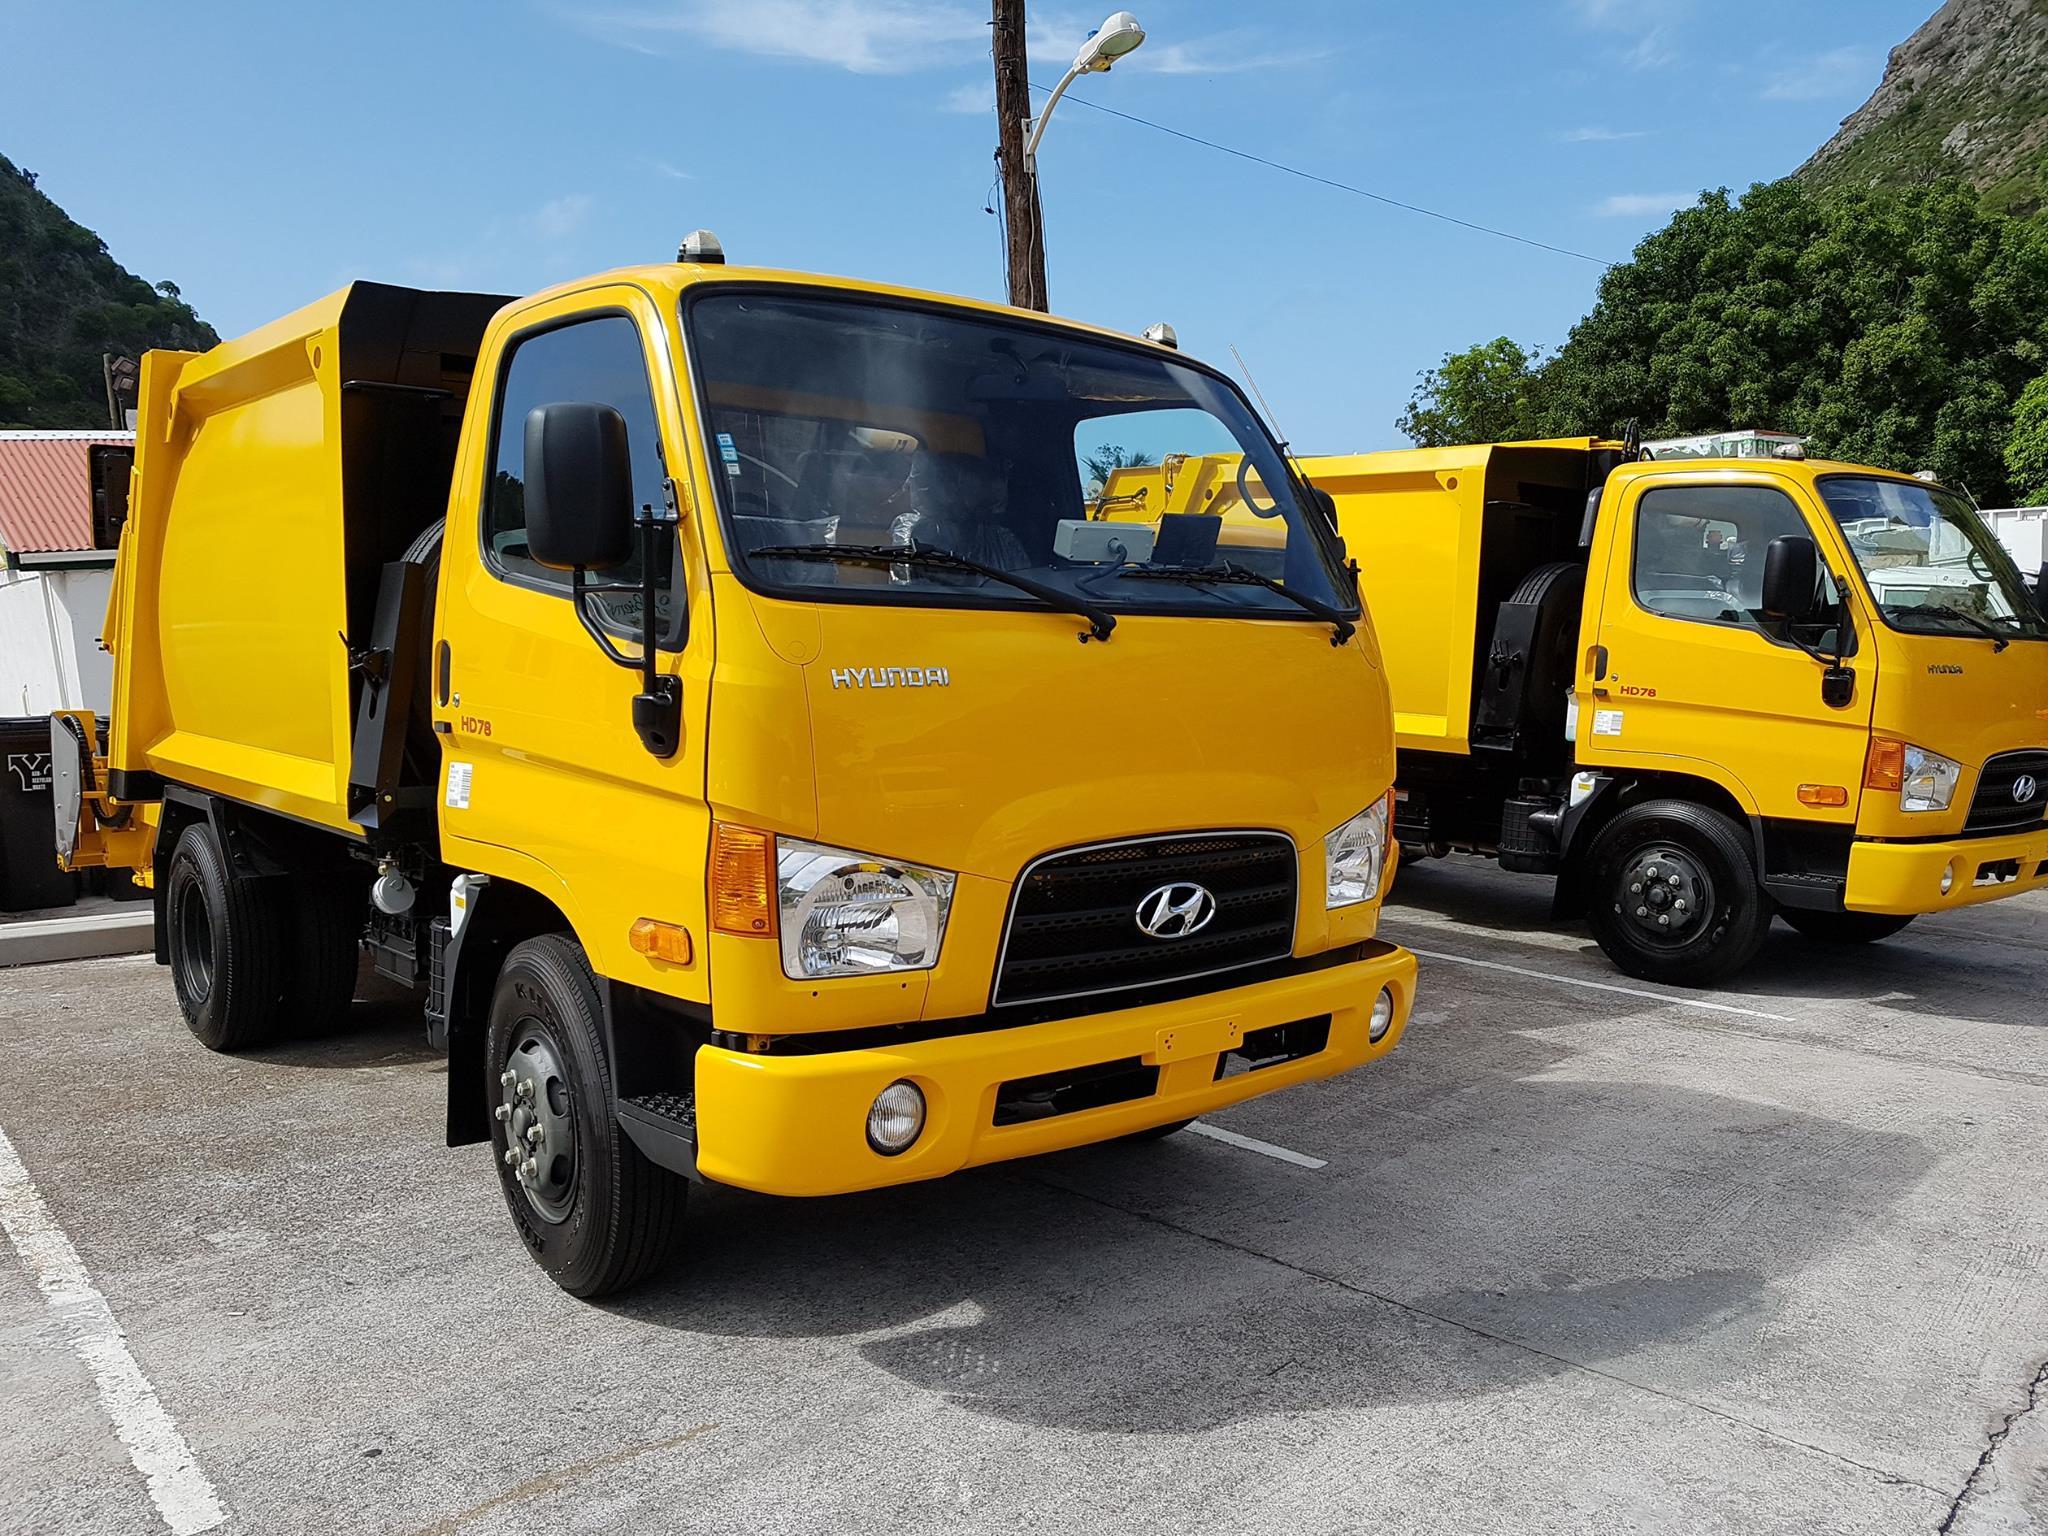 new garbage trucks Saba